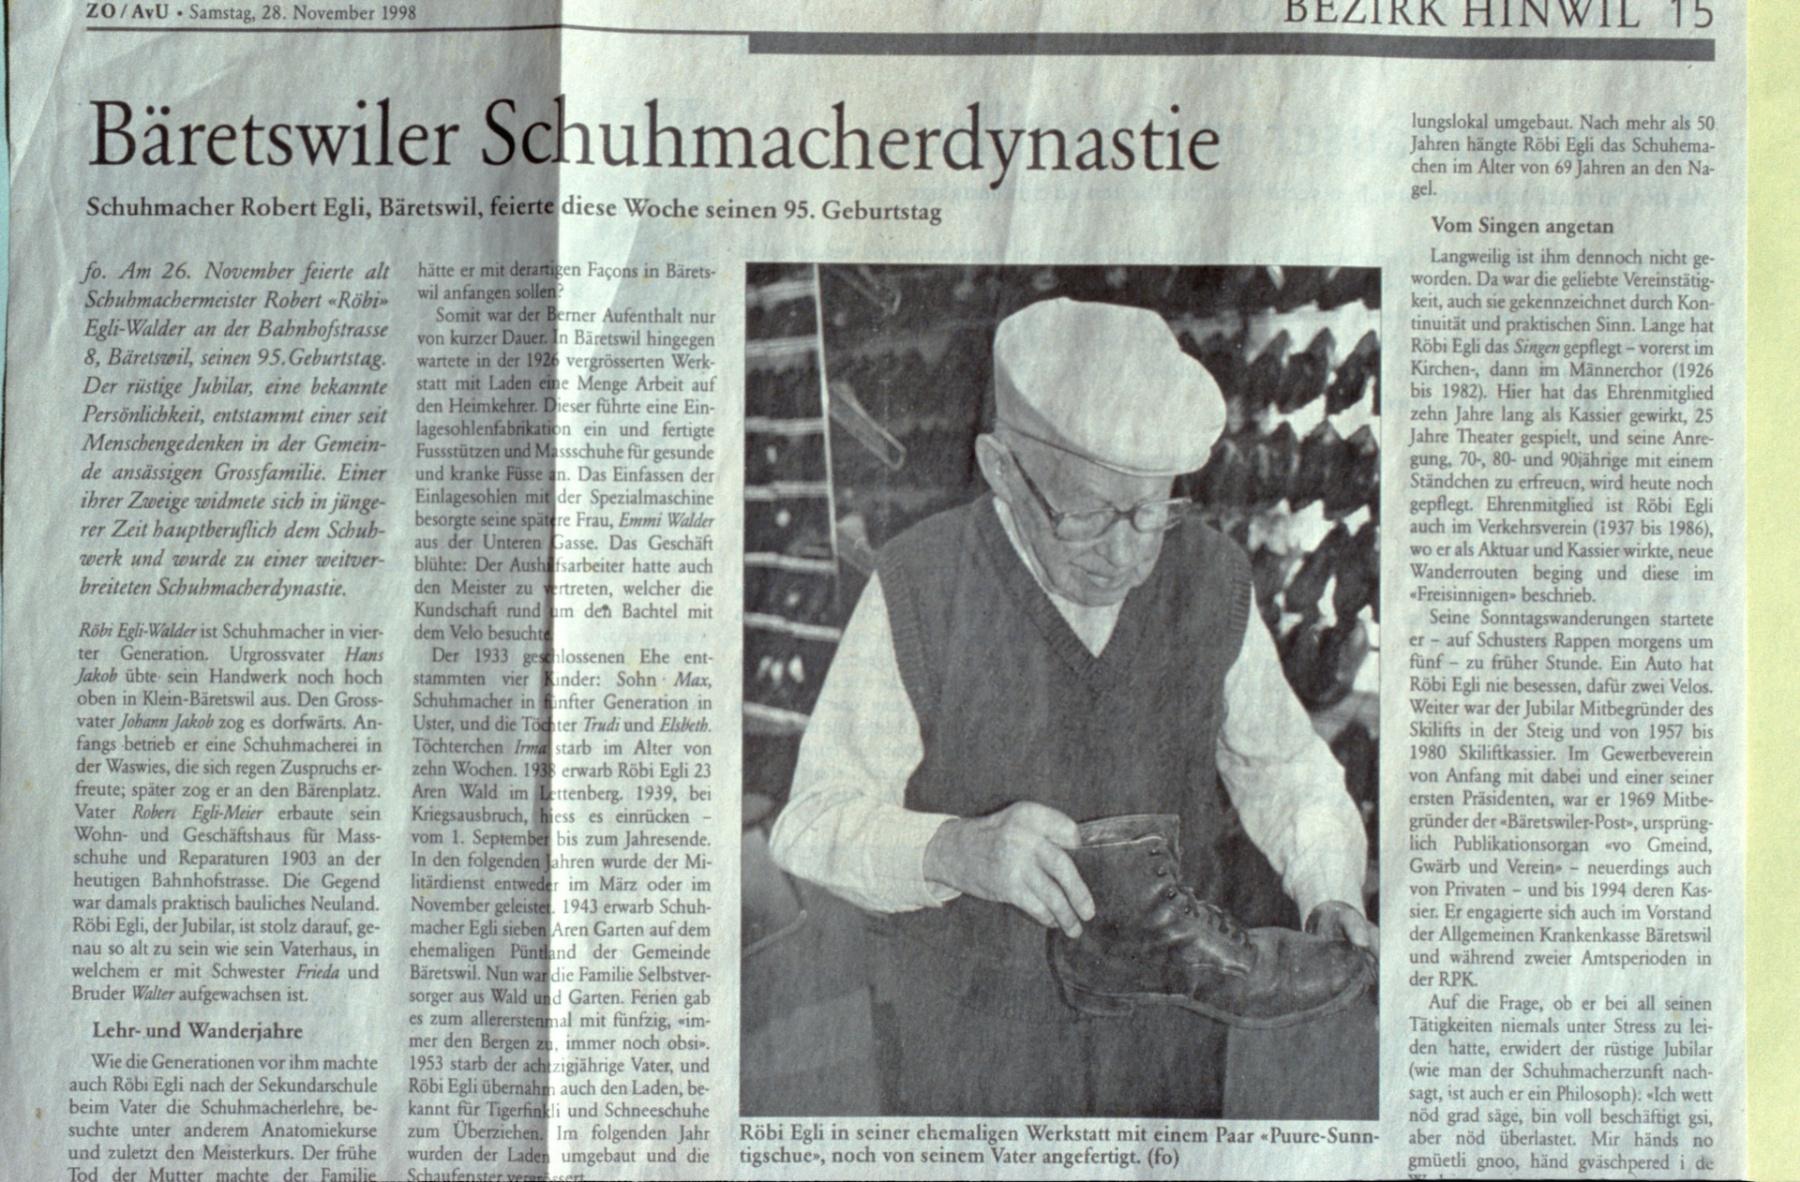 Bäretswiler Schuhmacherdynastie